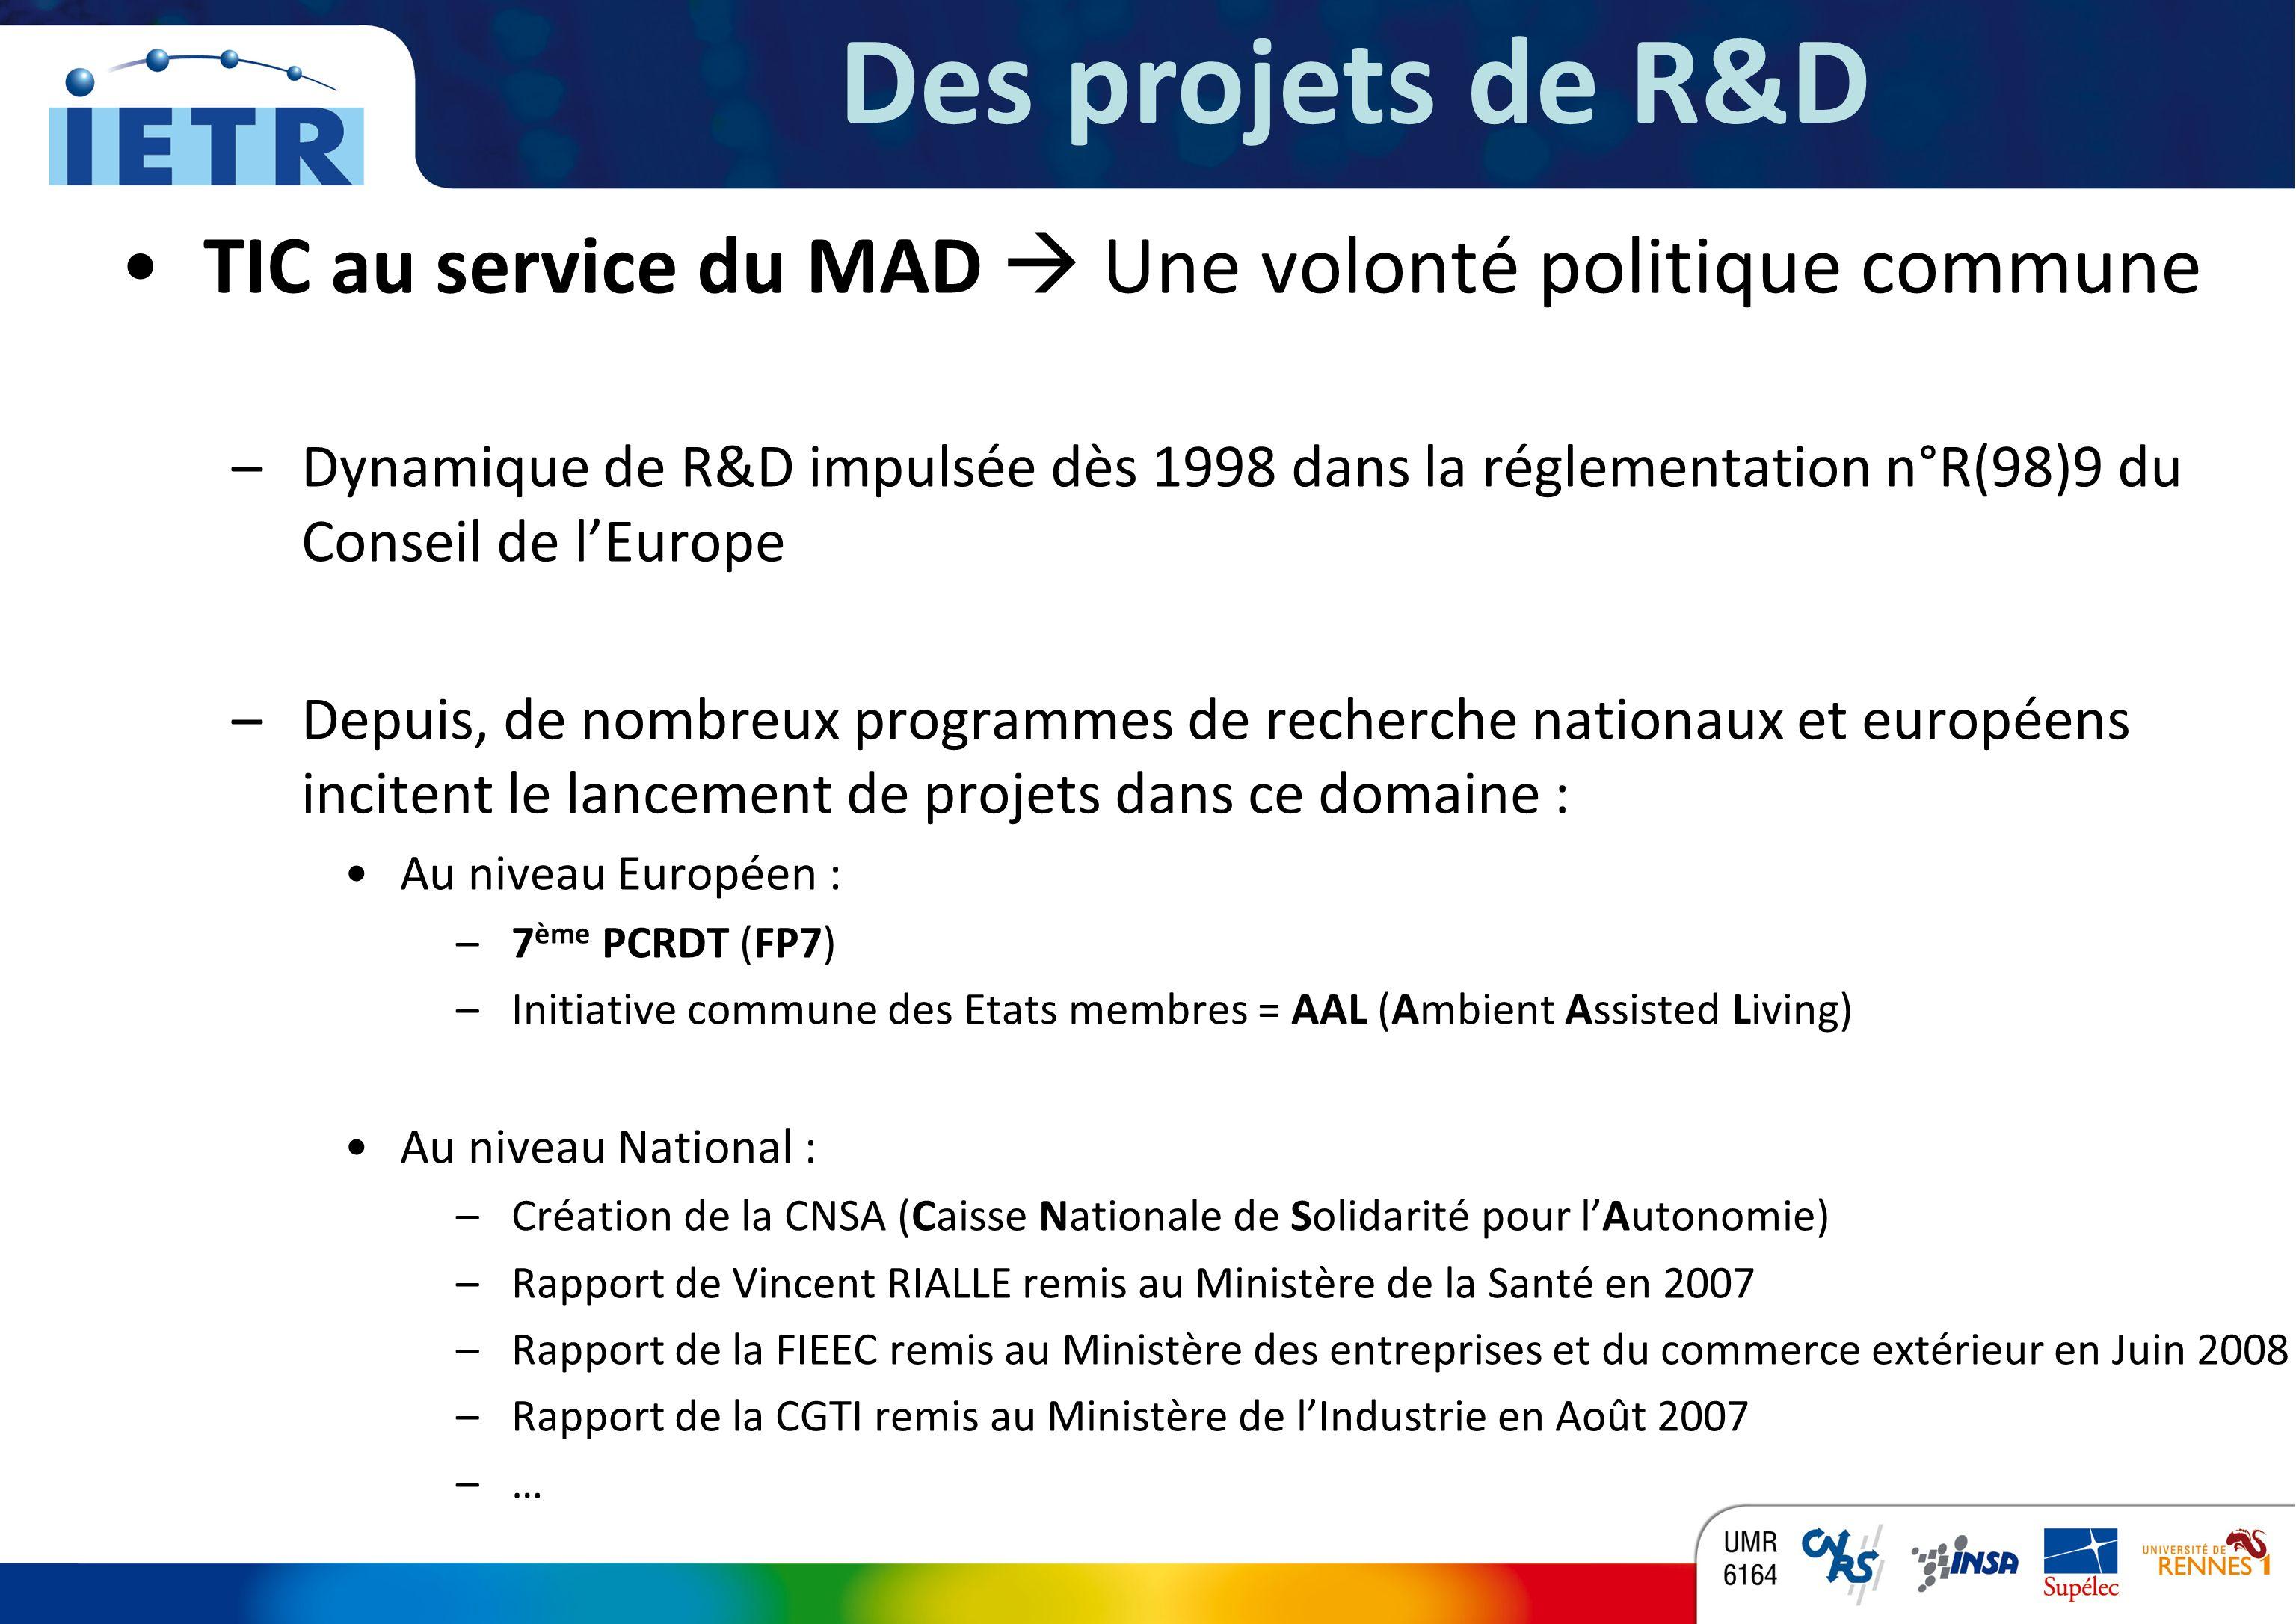 TITRE INSTITUT DÉLECTRONIQUE ET DE TÉLÉCOMMUNICATIONS DE RENNES TIC au service du MAD Une volonté politique commune –Dynamique de R&D impulsée dès 1998 dans la réglementation n°R(98)9 du Conseil de lEurope –Depuis, de nombreux programmes de recherche nationaux et européens incitent le lancement de projets dans ce domaine : Au niveau Européen : –7 ème PCRDT (FP7) –Initiative commune des Etats membres = AAL (Ambient Assisted Living) Au niveau National : –Création de la CNSA (Caisse Nationale de Solidarité pour lAutonomie) –Rapport de Vincent RIALLE remis au Ministère de la Santé en 2007 –Rapport de la FIEEC remis au Ministère des entreprises et du commerce extérieur en Juin 2008 –Rapport de la CGTI remis au Ministère de lIndustrie en Août 2007 –… Des projets de R&D